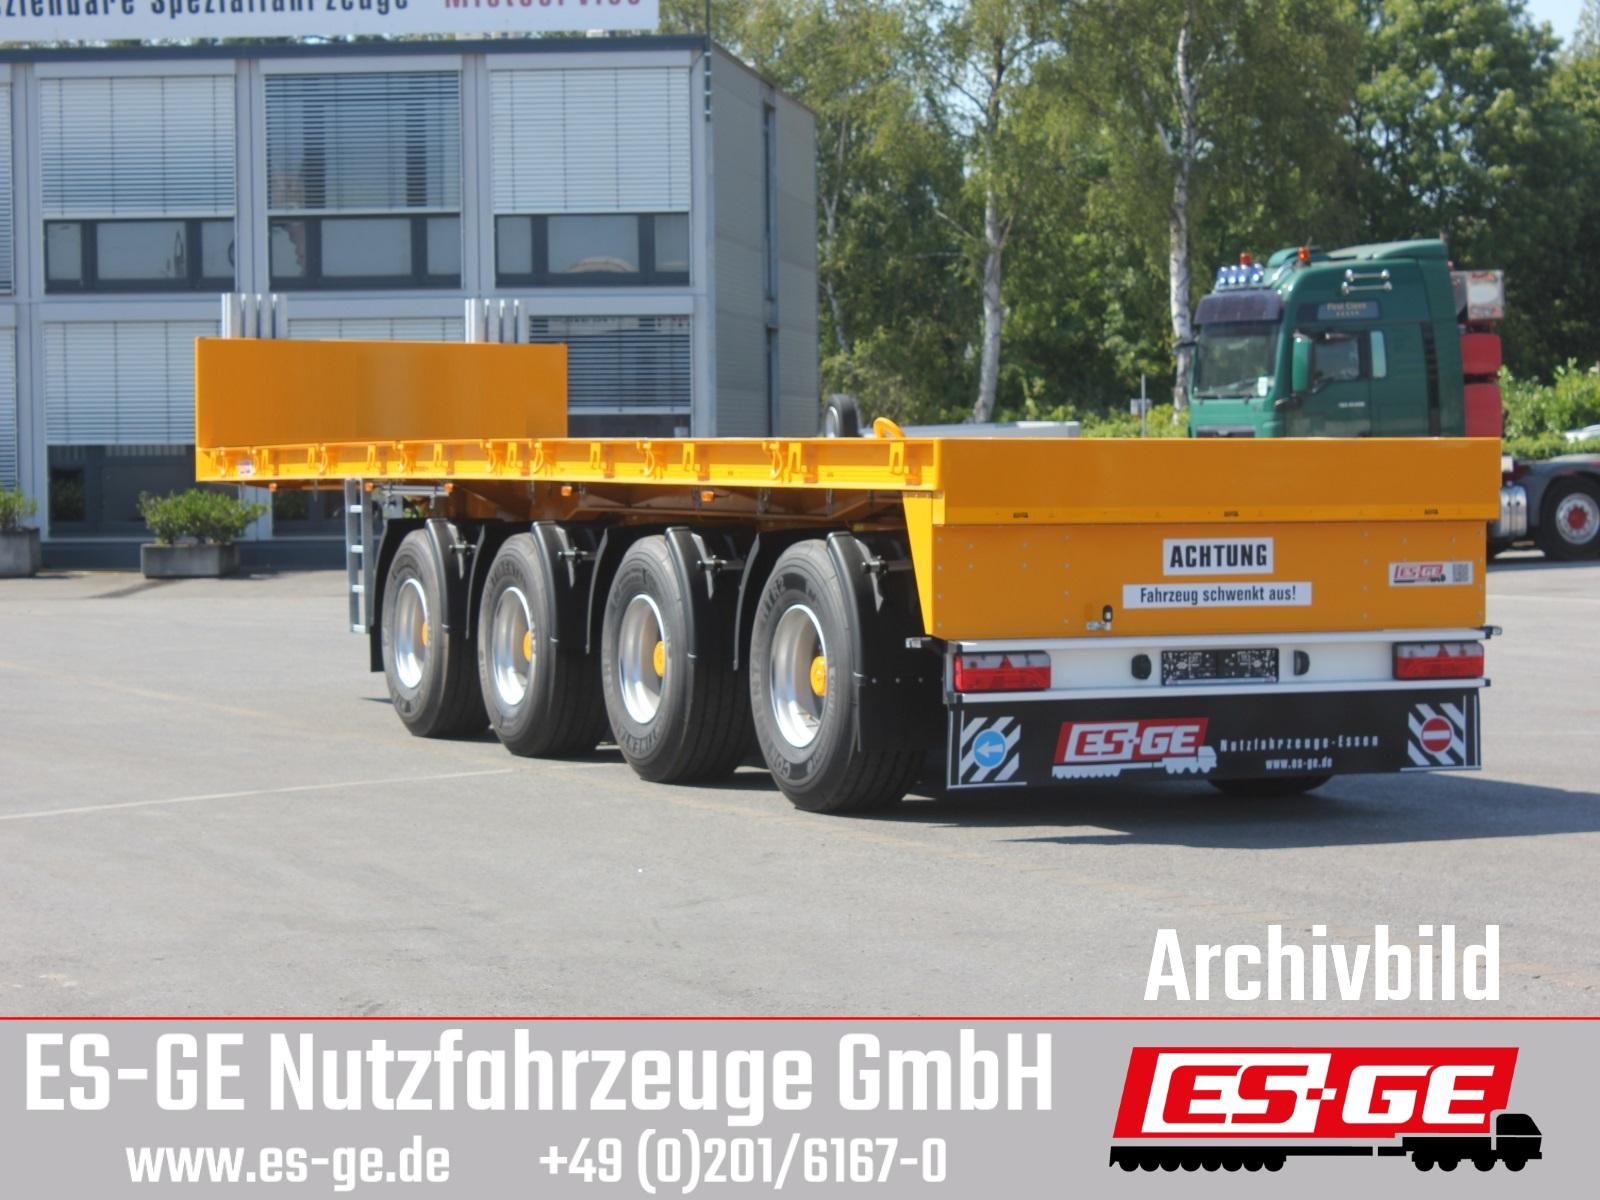 ES-GE 4-Achs-Ballastauflieger